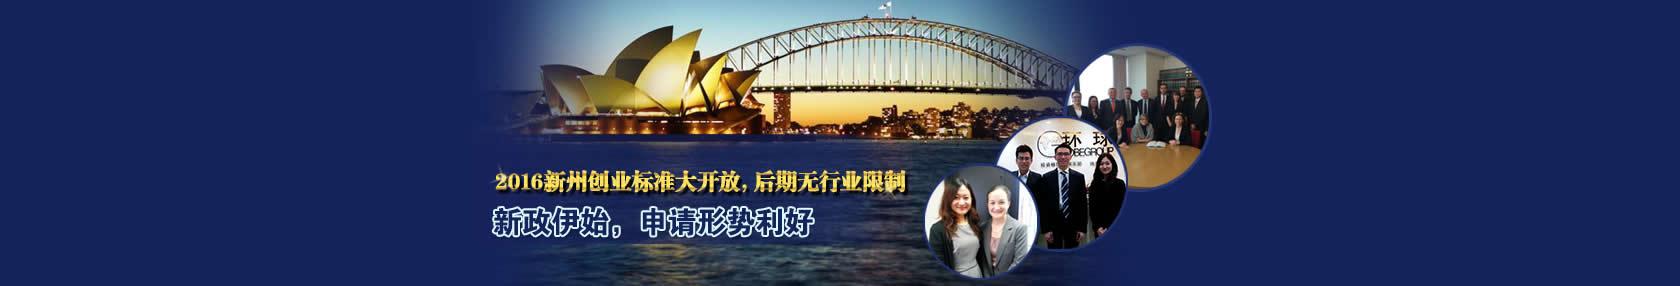 澳洲创业移民政策大开放,申请行事利好